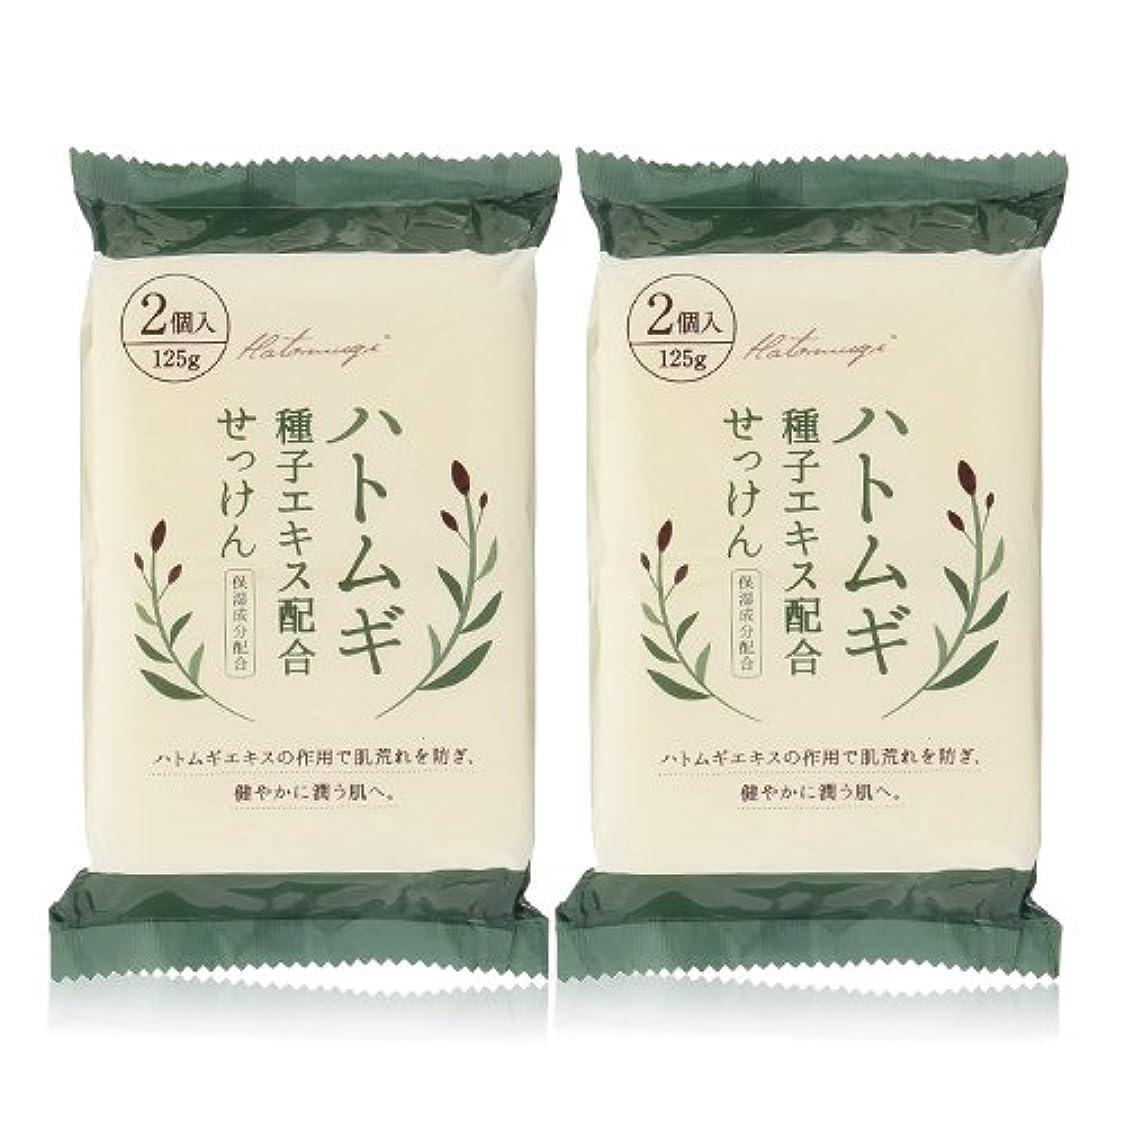 ダメージマート仕立て屋ハトムギ種子エキス配合石けん 125g(2コ入)×2個セット(計4個)